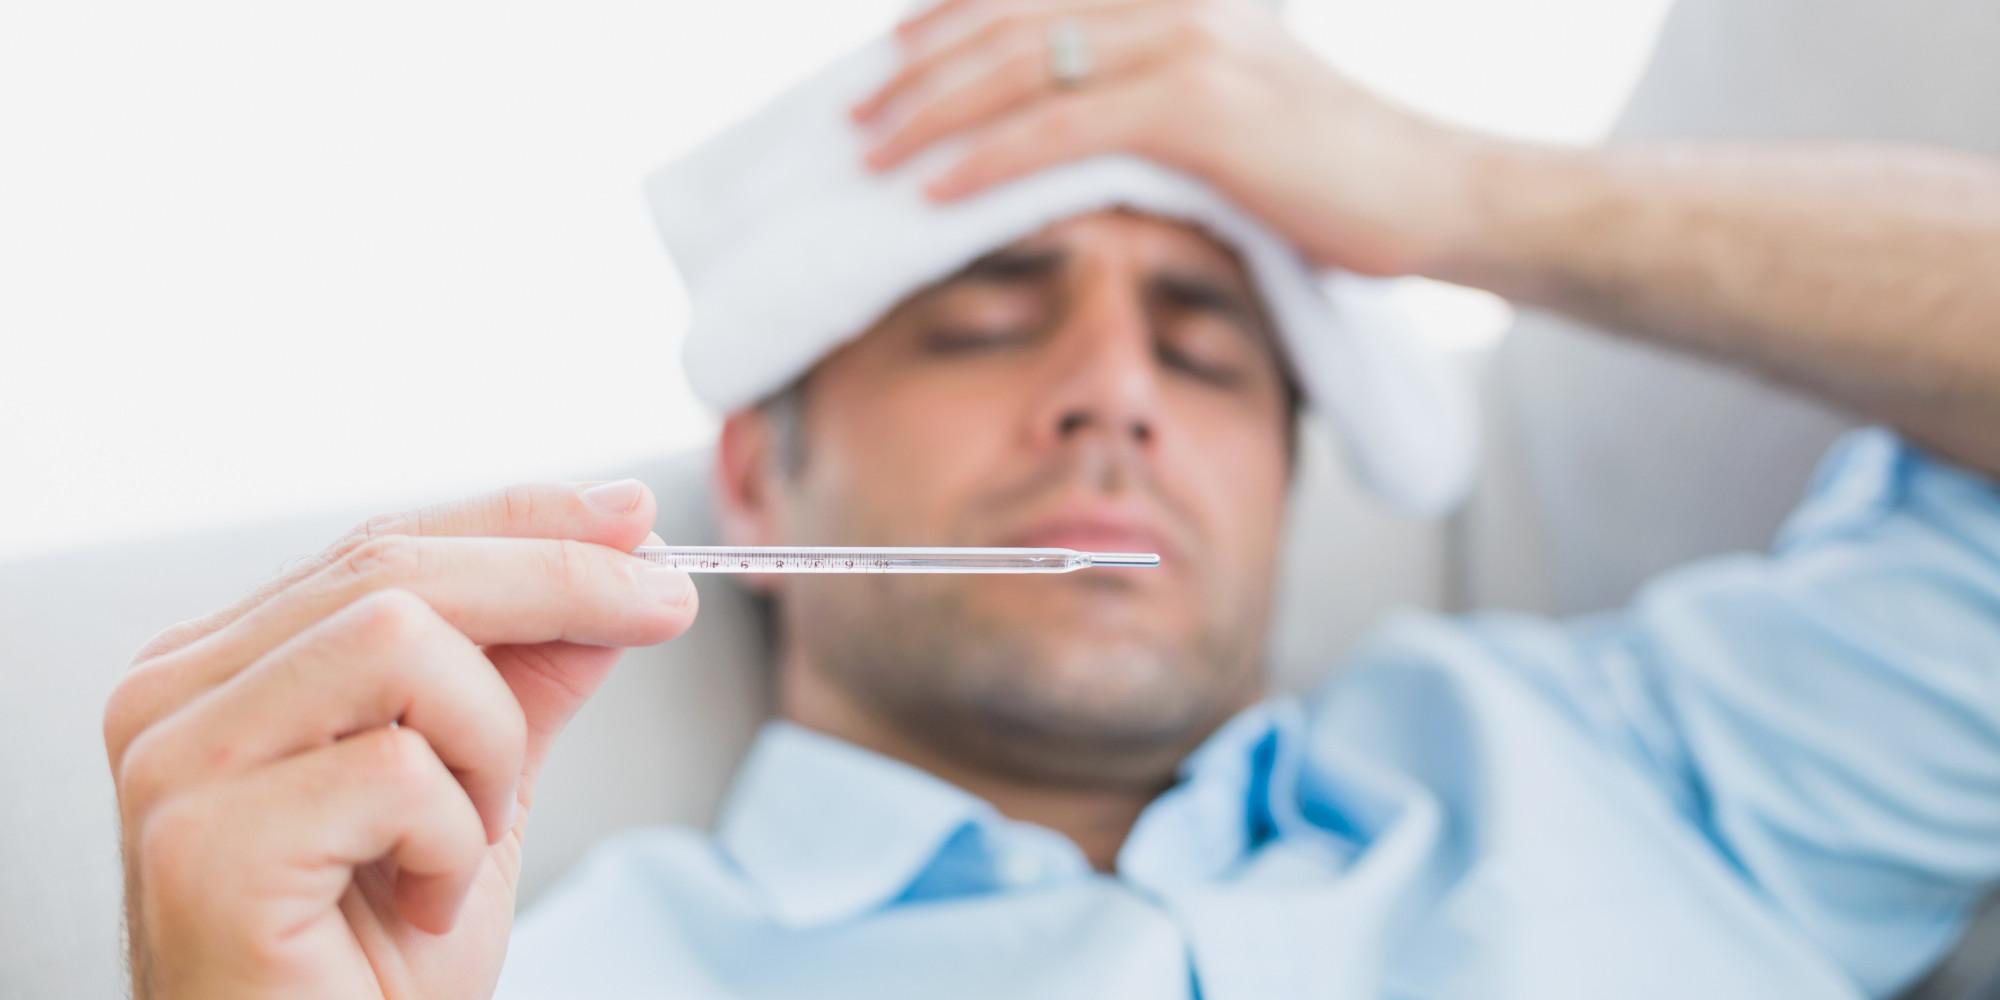 Esat uzmanīgi! Visbīstamākās tautas metodes saaukstēšanās ārstēšanai